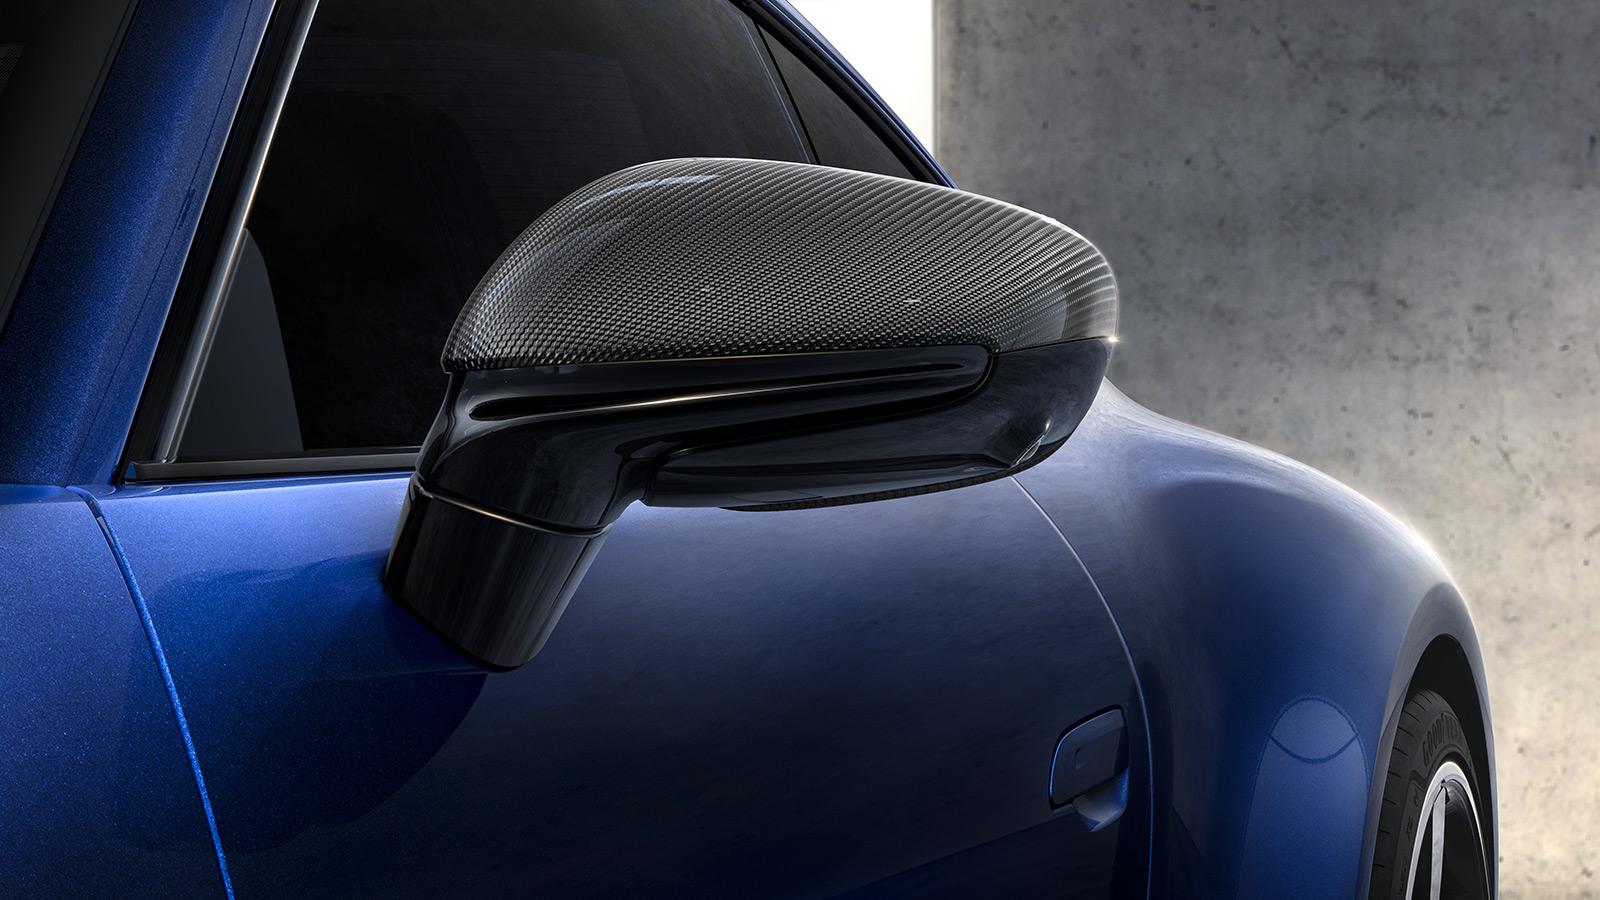 Porsche - Autres options Extérieur et performance